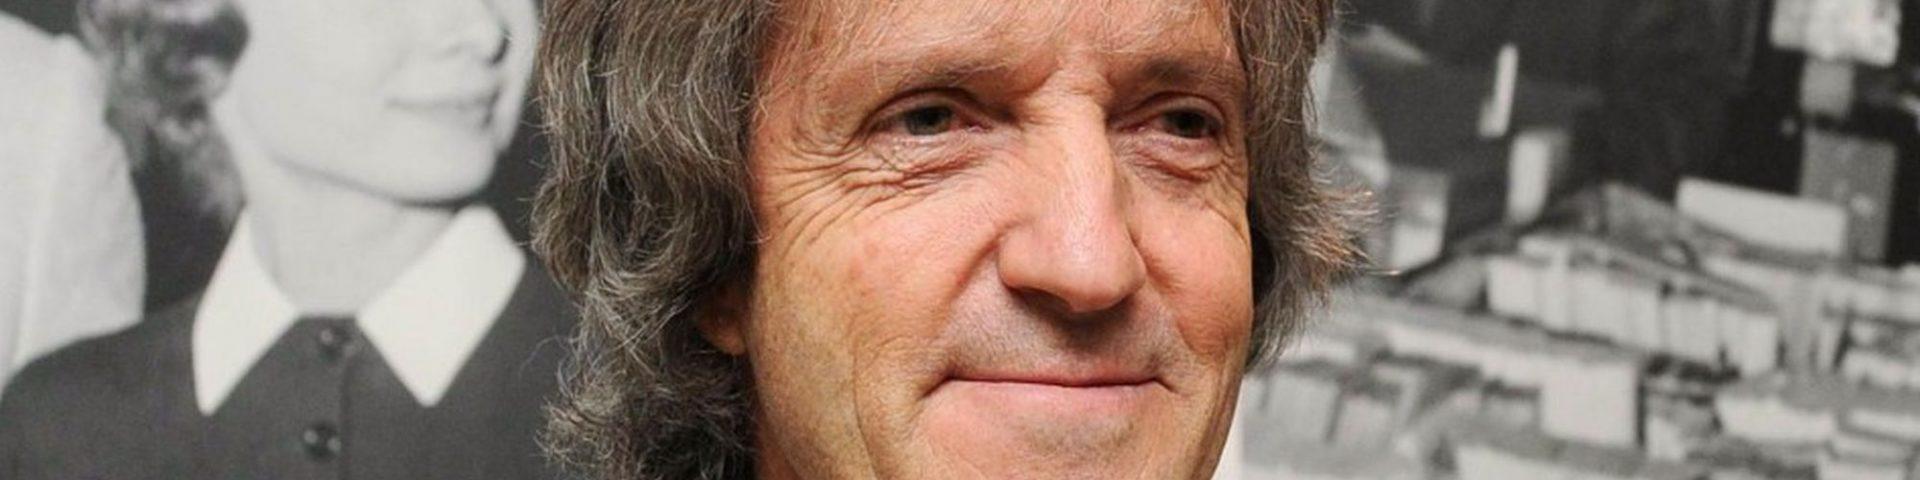 Lutto nel mondo del cinema: addio a Carlo Vanzina